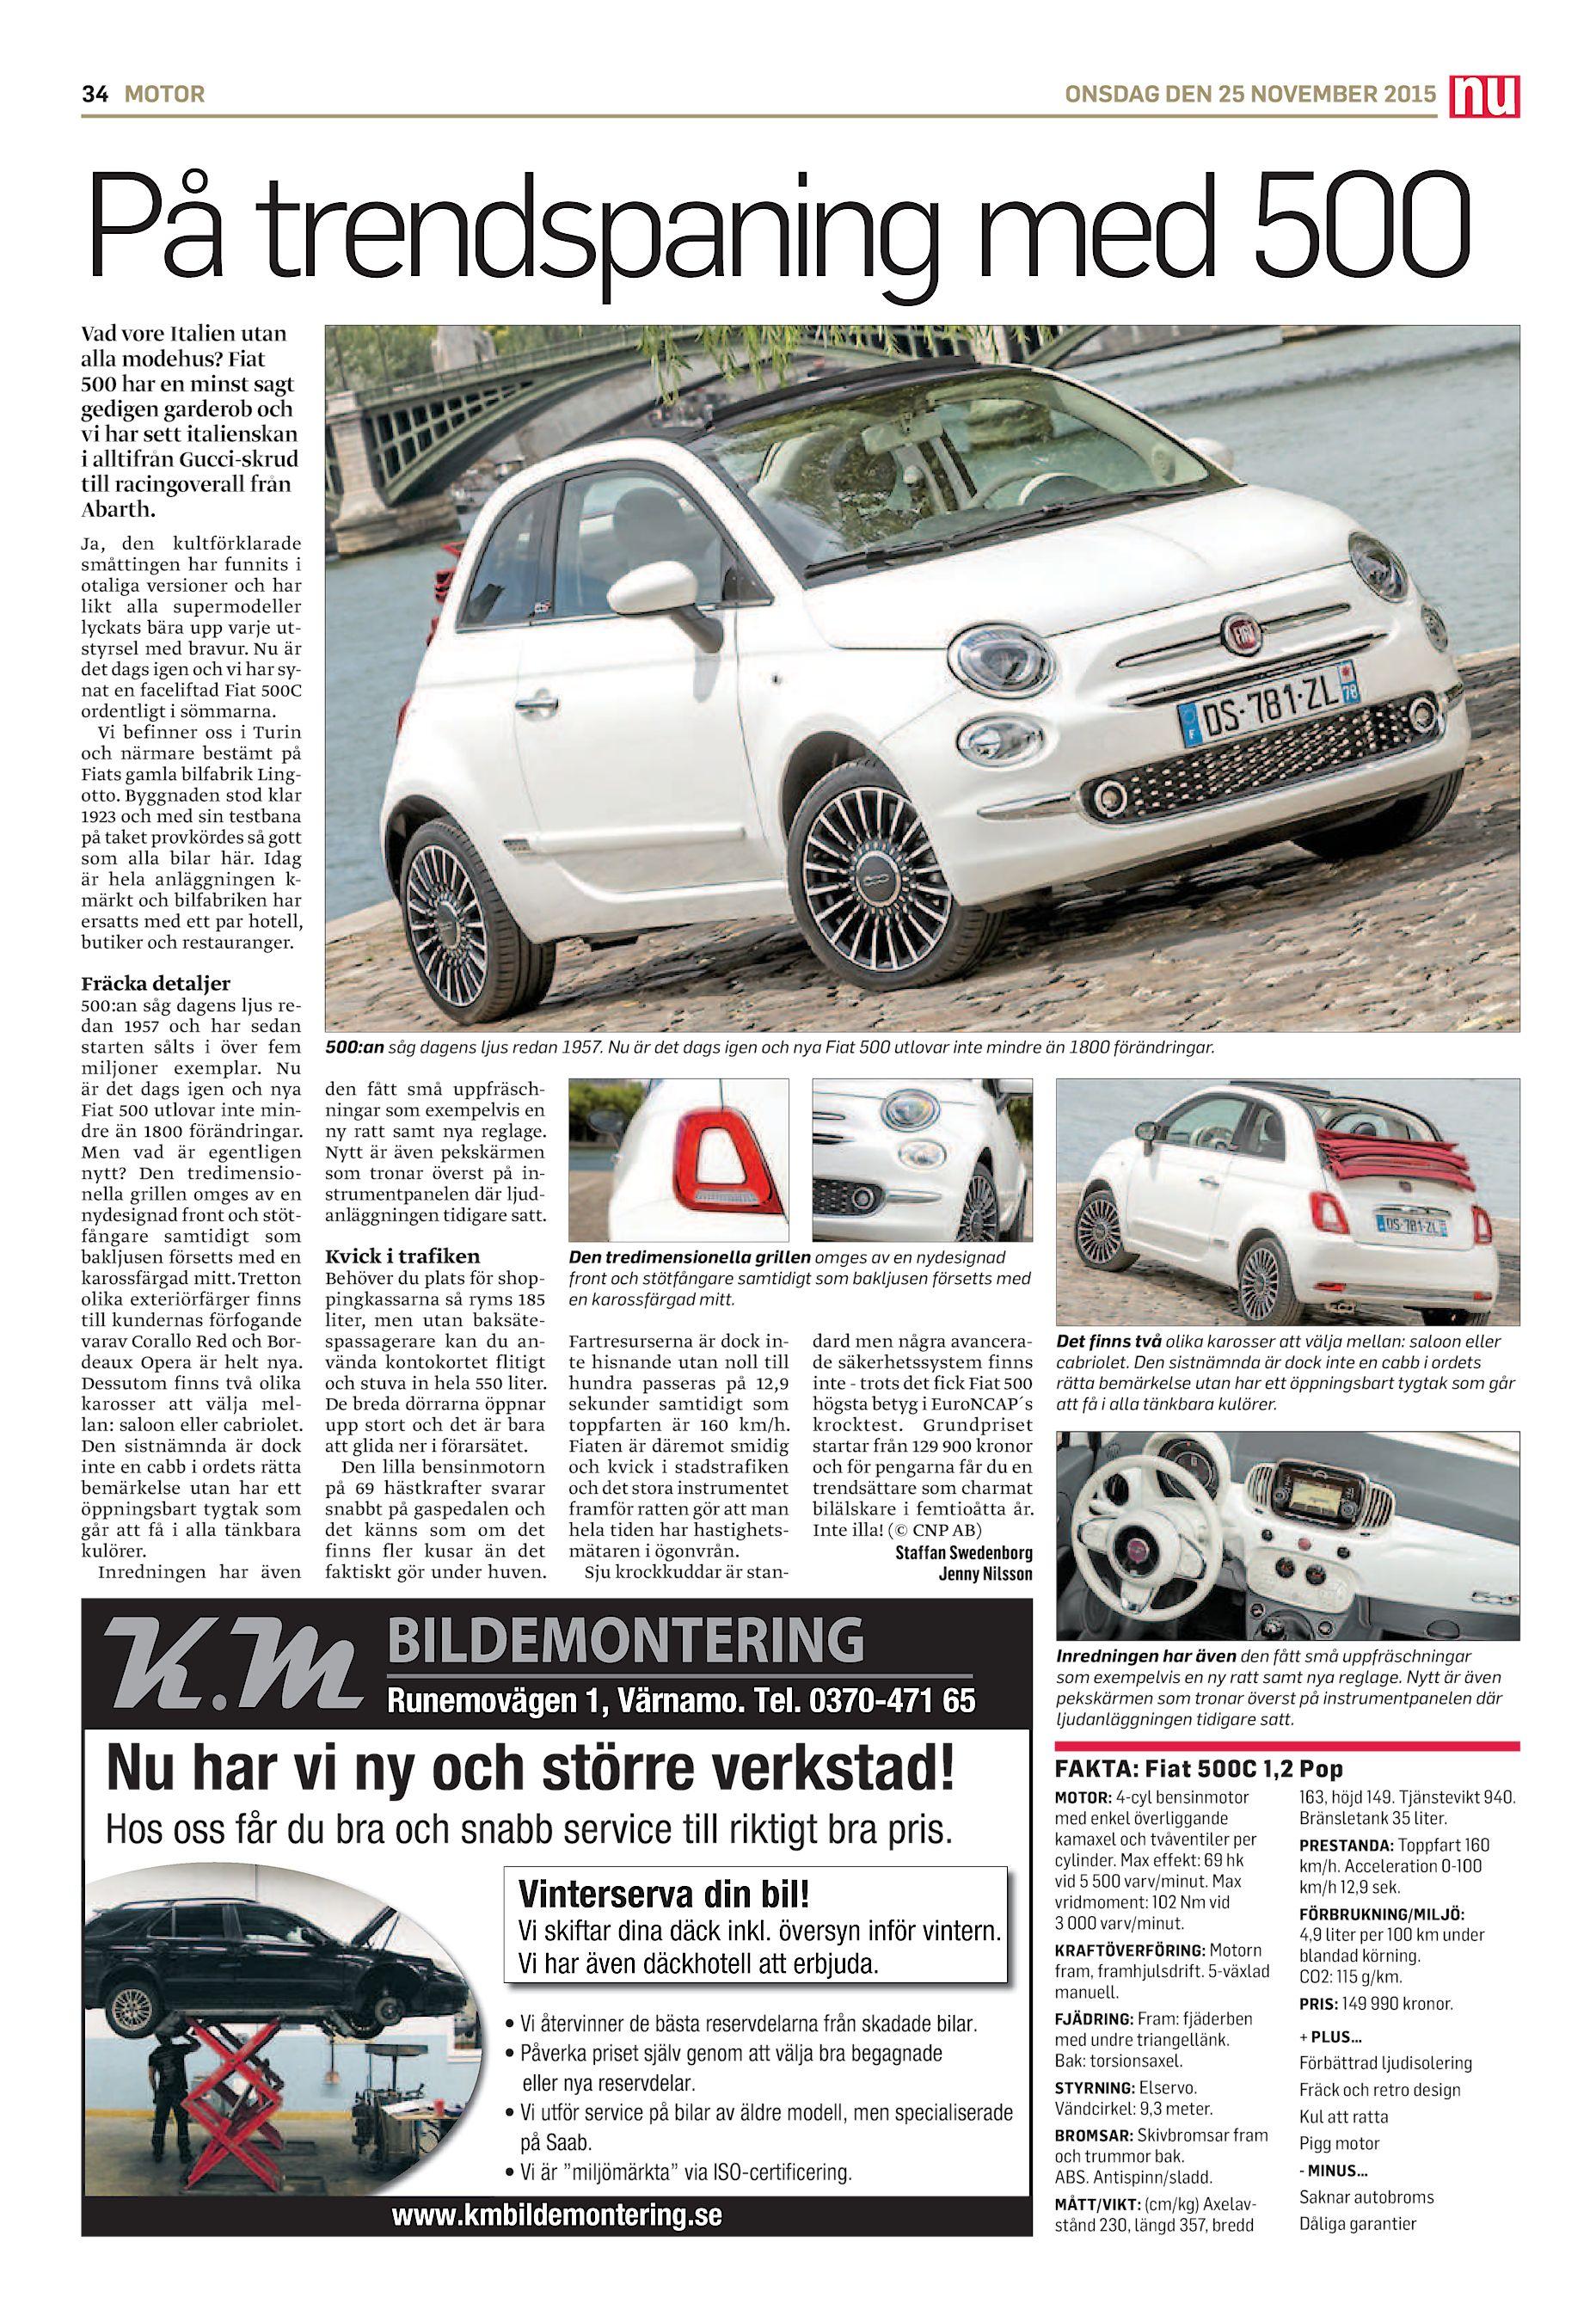 71a329aad 34 MOTOR ONSDAG DEN 25 NOVEMBER 2015 På trendspaning med 500 Vad vore  Italien utan alla modehus? Fiat 500 har en minst sagt gedigen garderob och  vi har sett ...